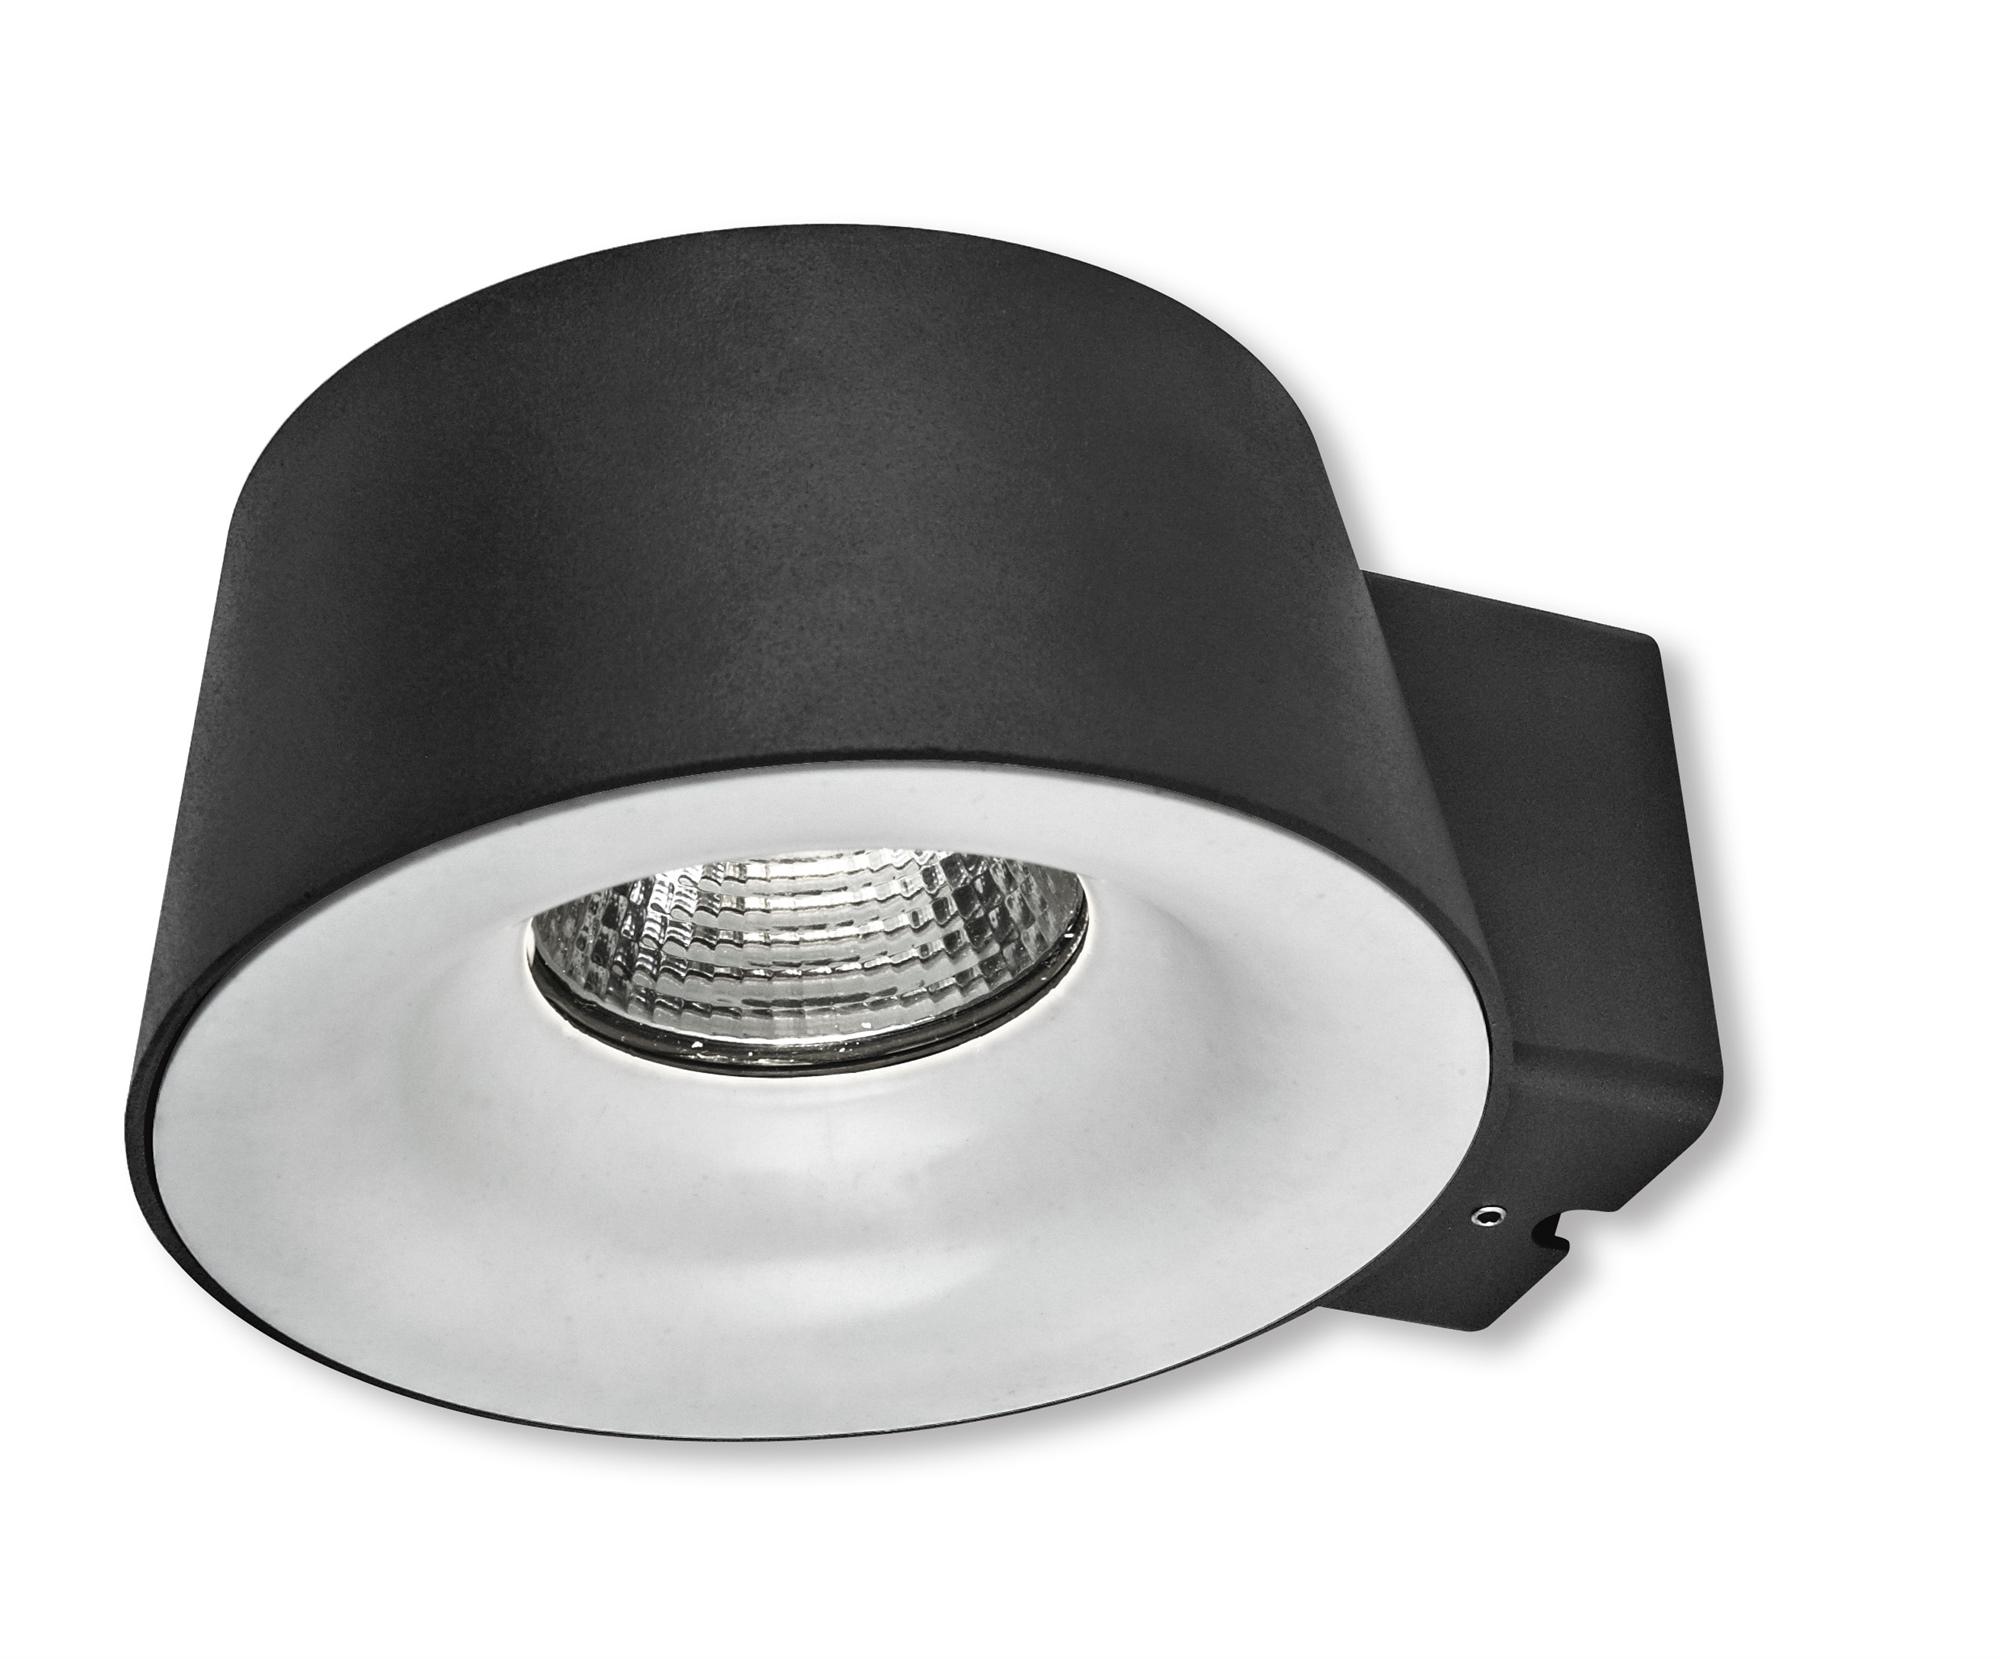 Lampenlux Außenleuchte Sean Aluminium Schwarz 850lm 10W LED 3000K IP54 Ø18.5cm